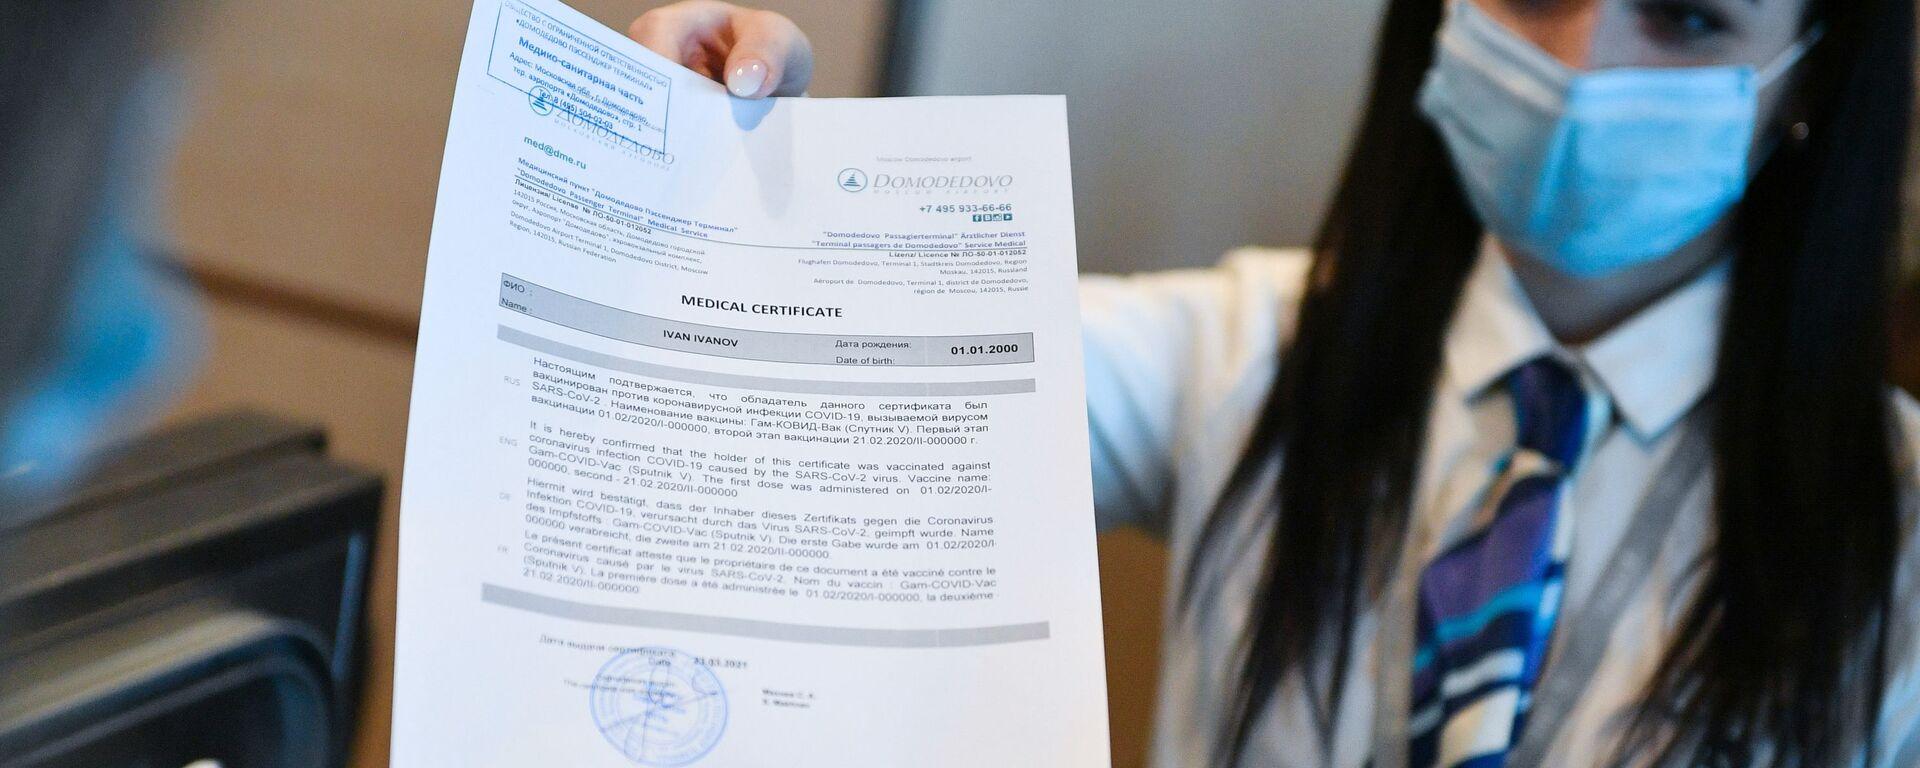 Un'addetta dell'aeroporto di Domodevo consegna ad un passeggero il certificato di vaccinazione in inglese  - Sputnik Italia, 1920, 21.05.2021